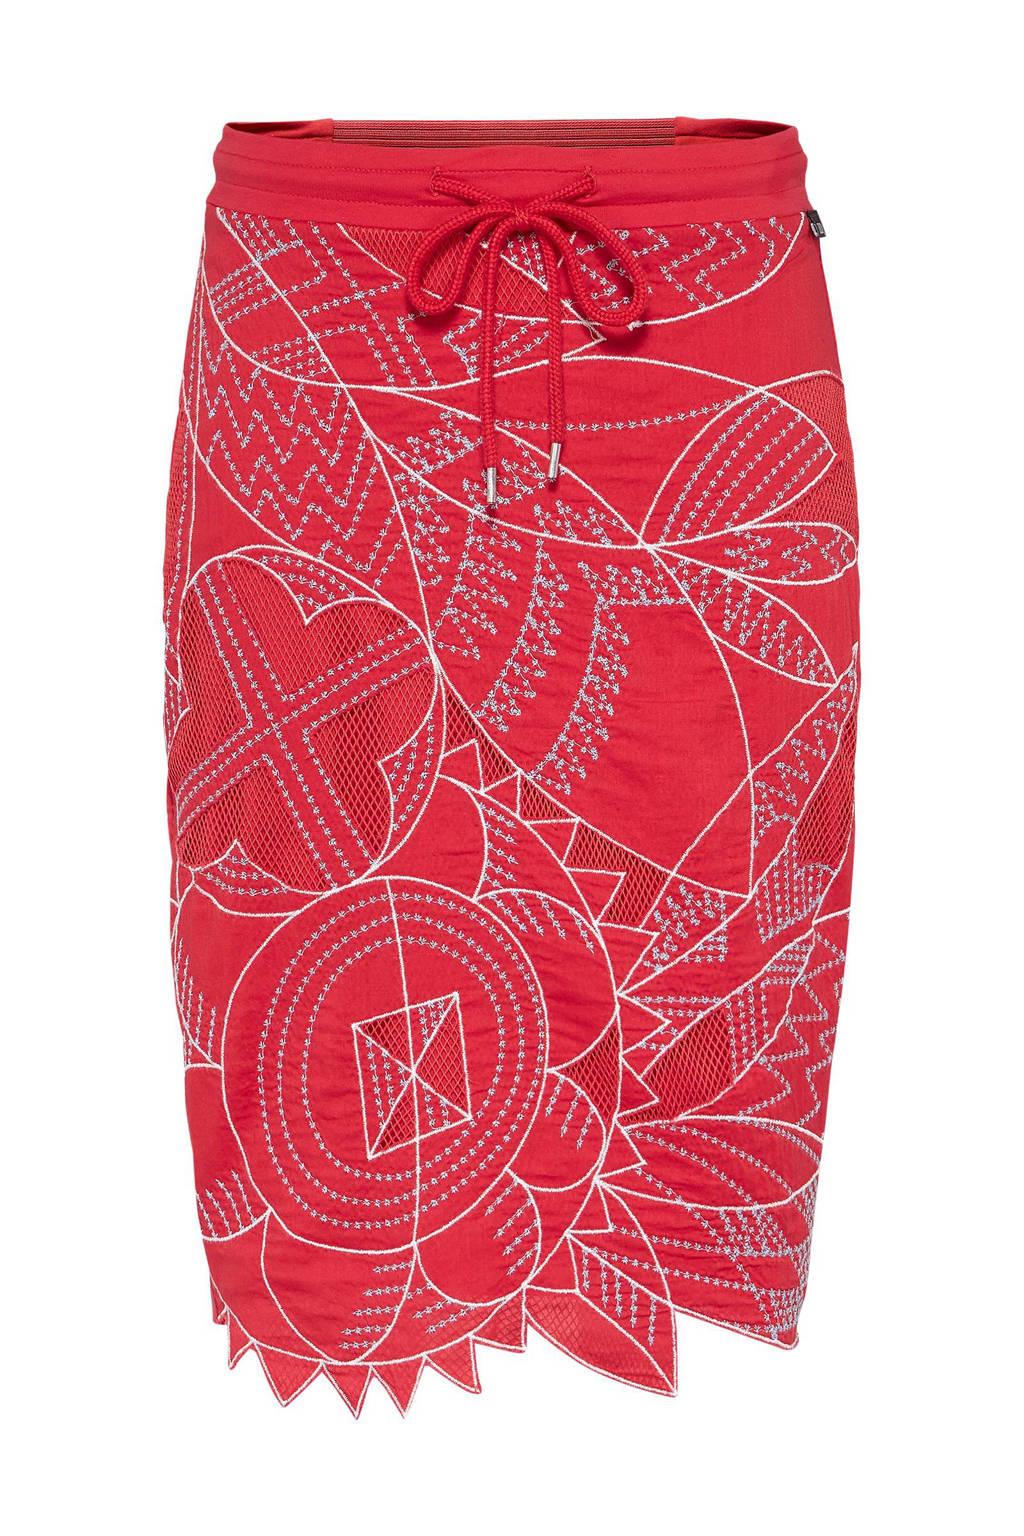 Didi rok met borduursels rood, Rood